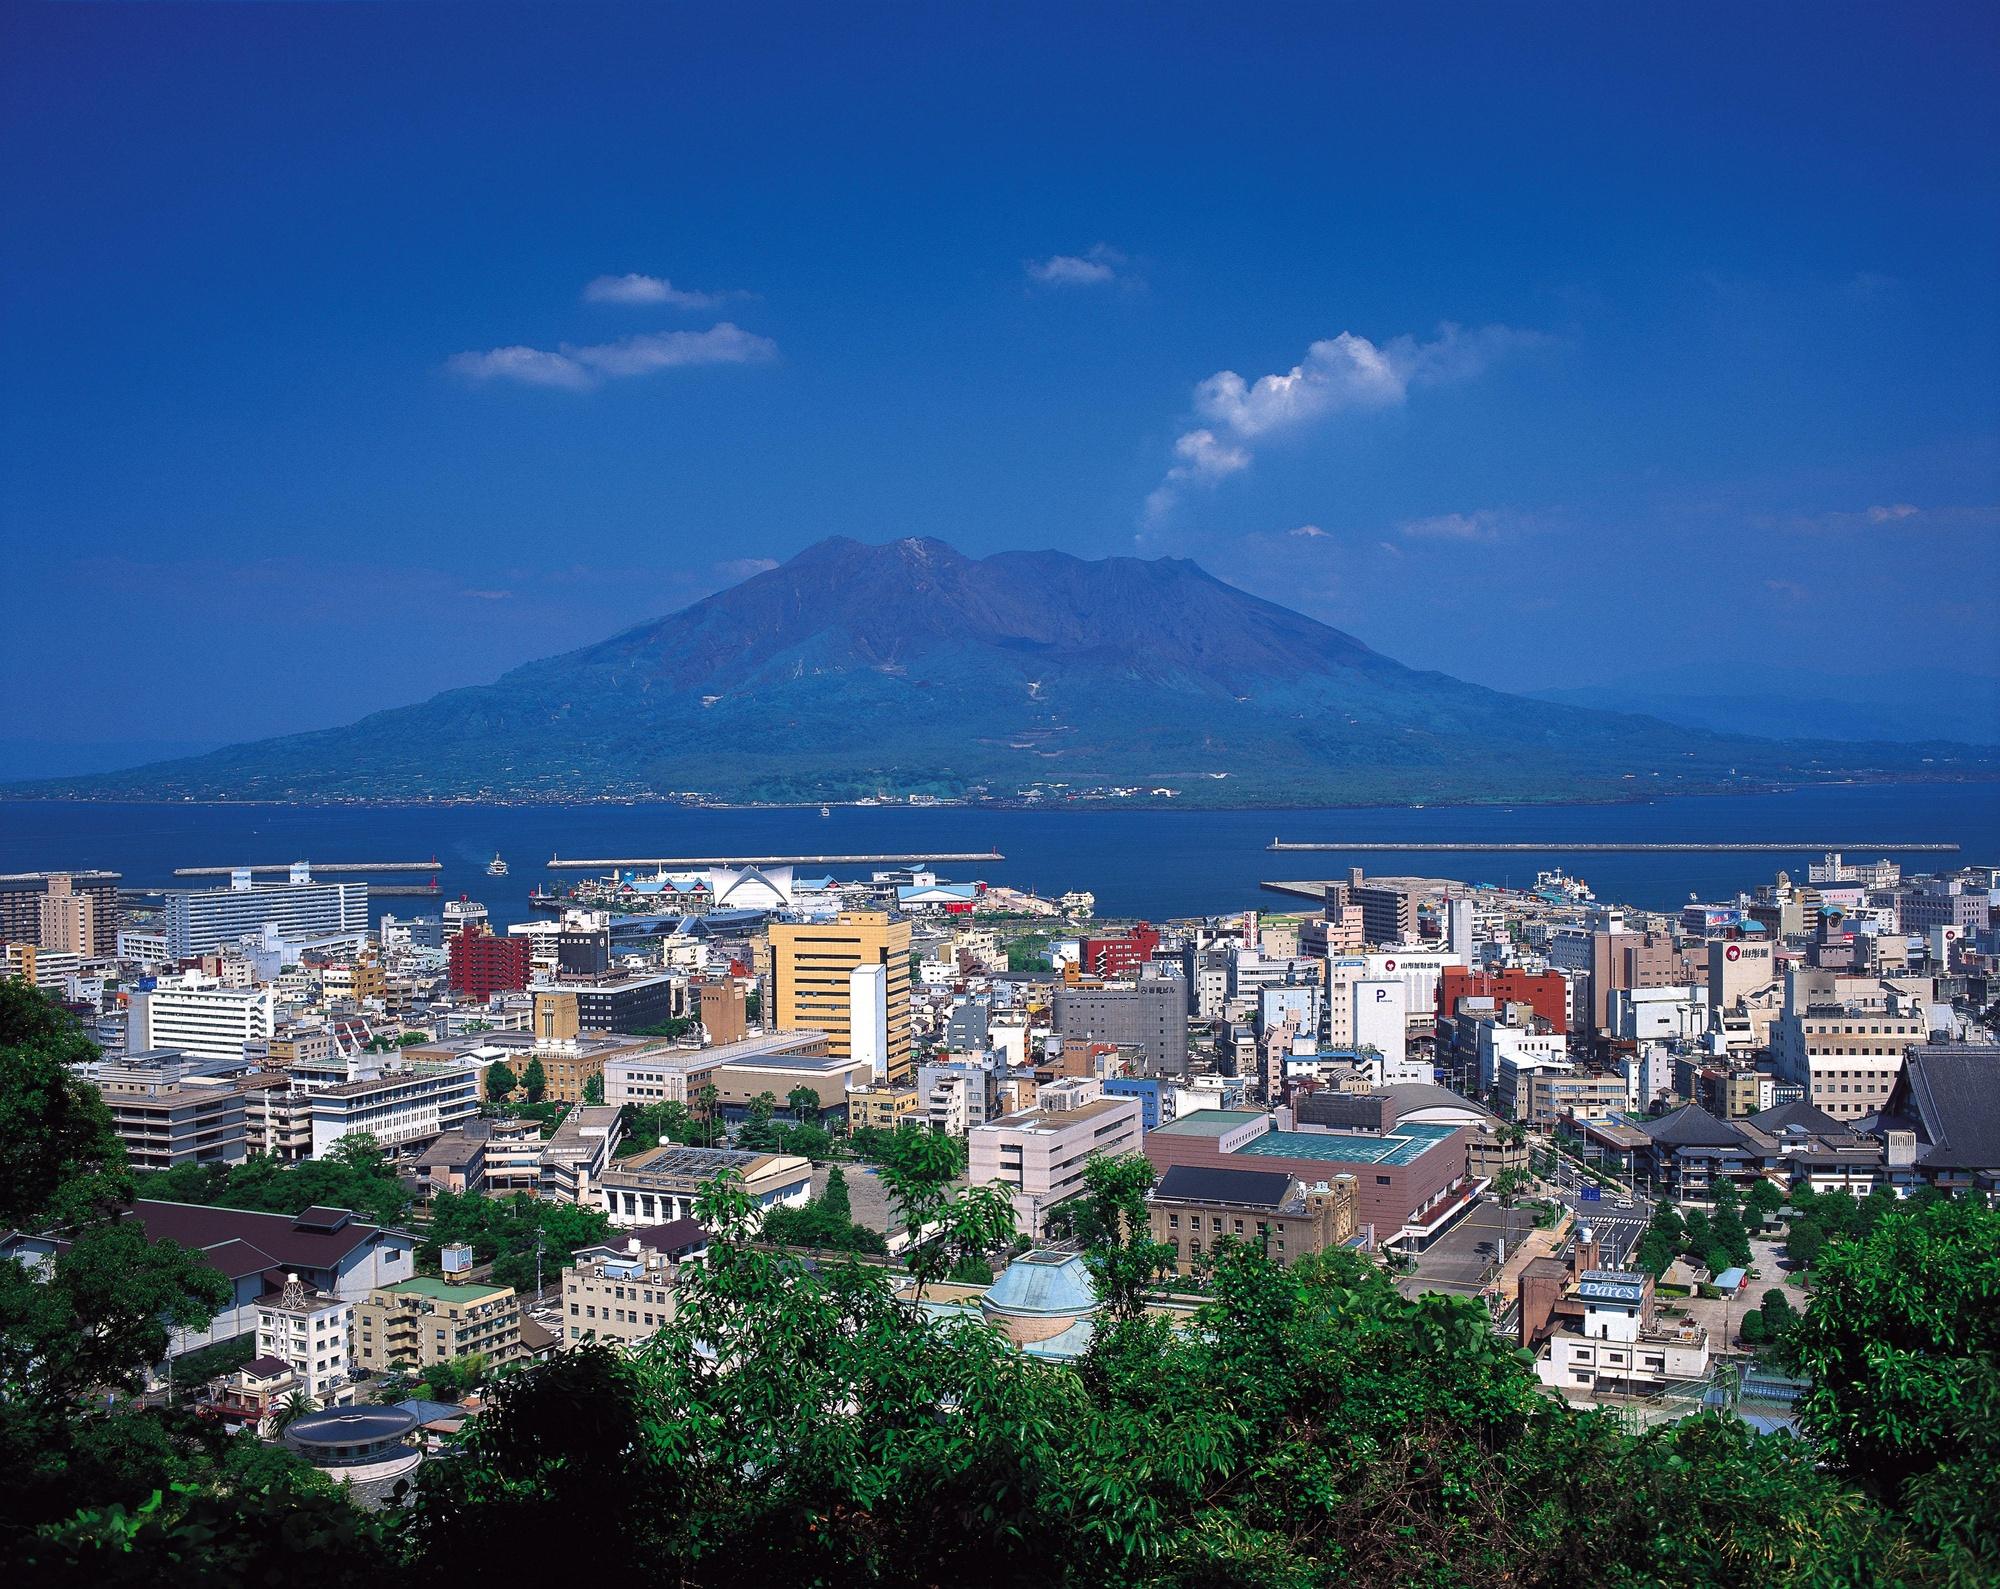 鹿児島市街地と桜島